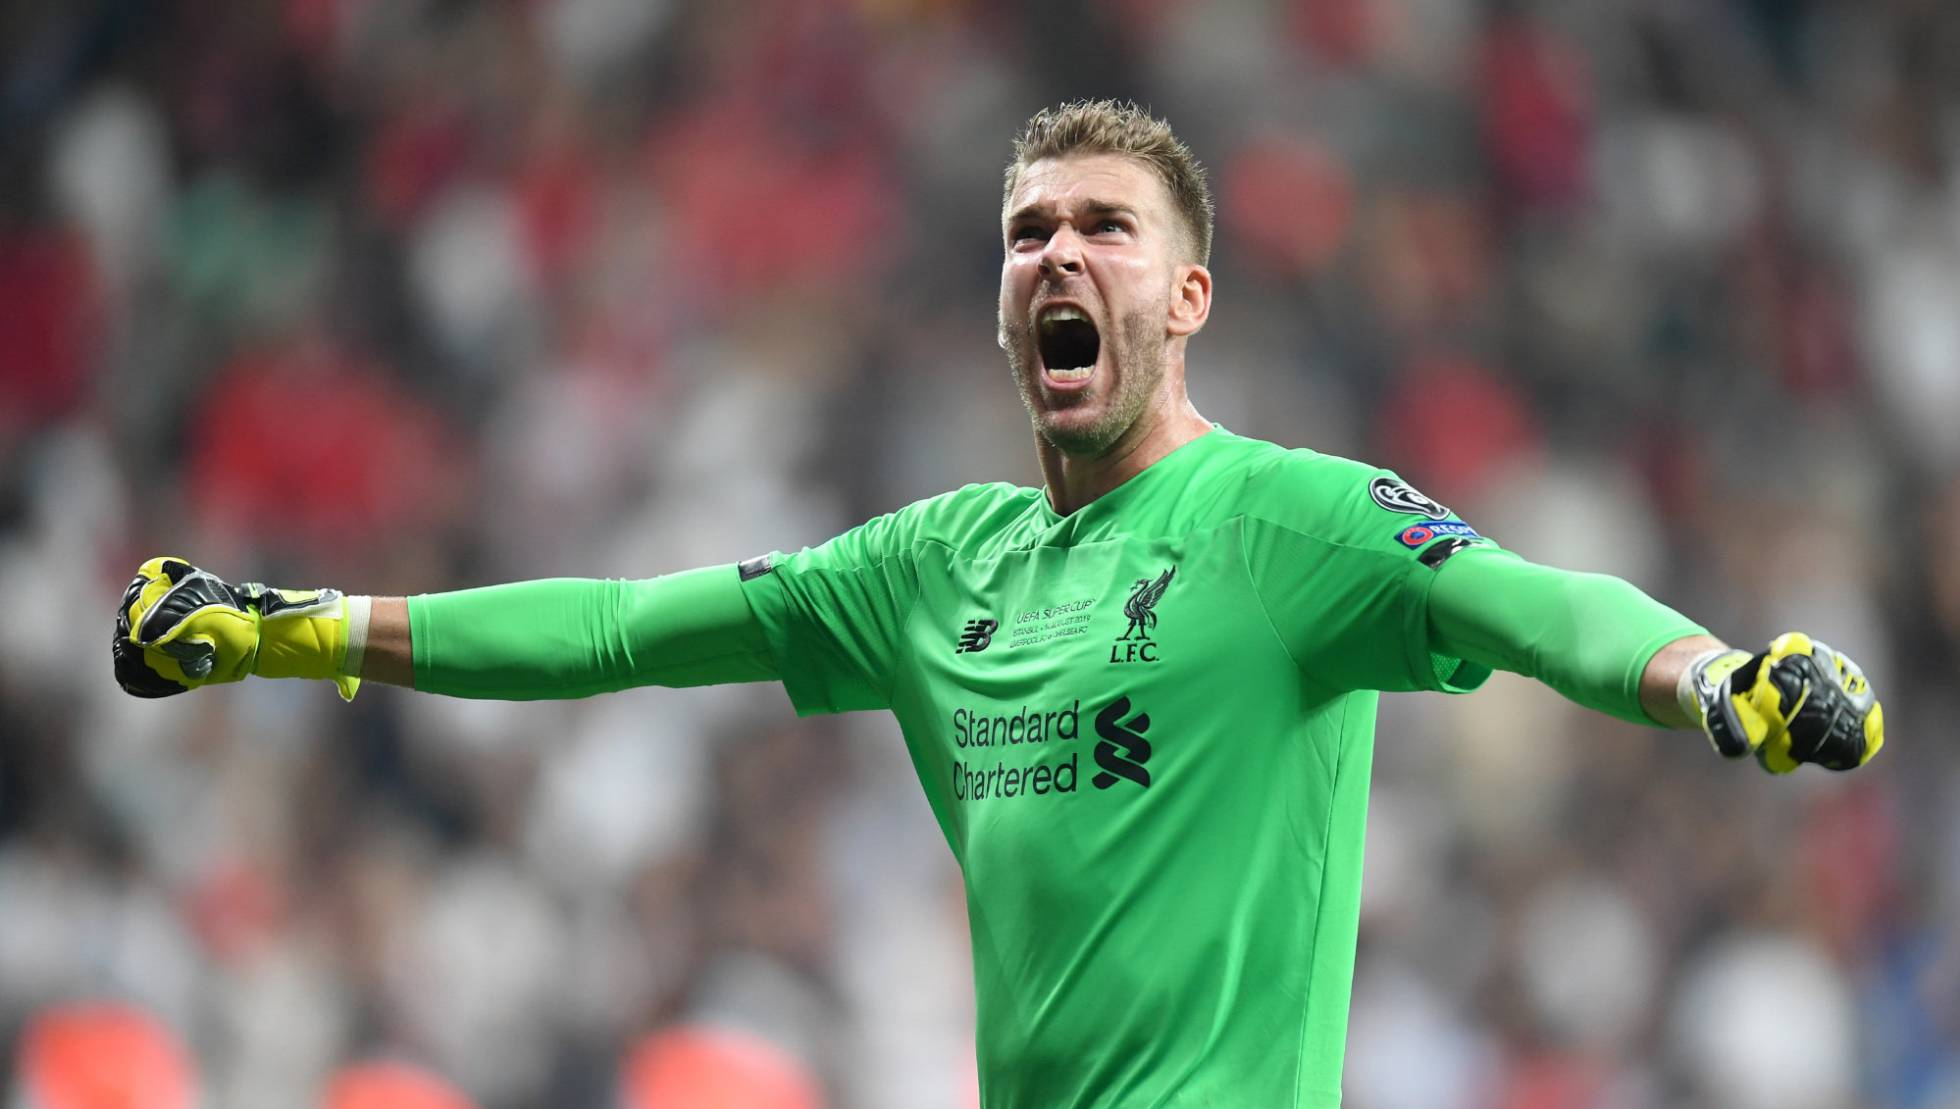 El Liverpool gana la primera final europea arbitrada por una mujer